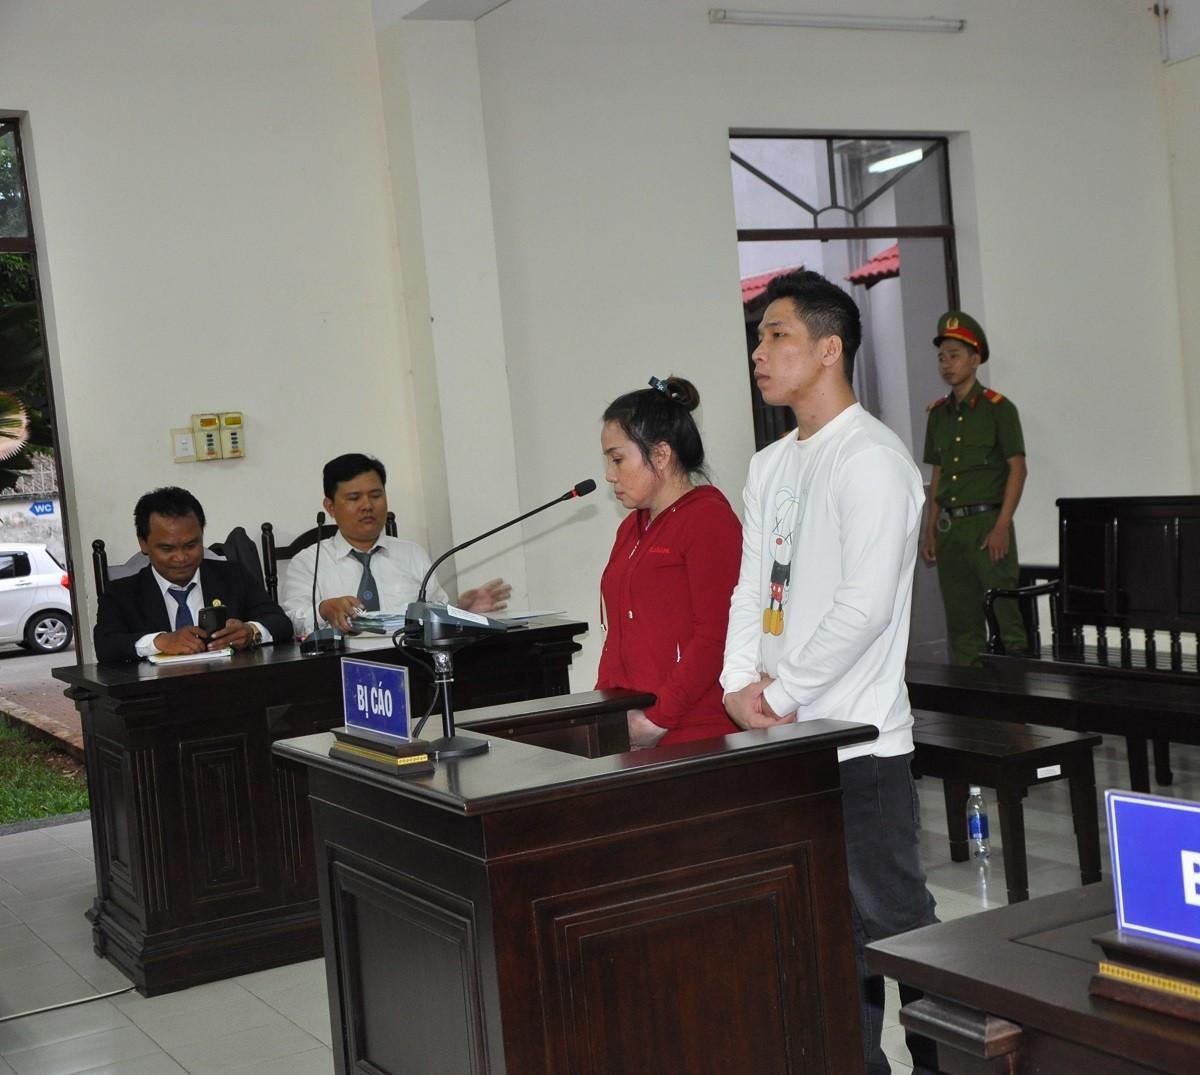 Cảnh báo hàng loạt vụ án mua bán người ở Bà Rịa- Vũng Tàu - Ảnh 1